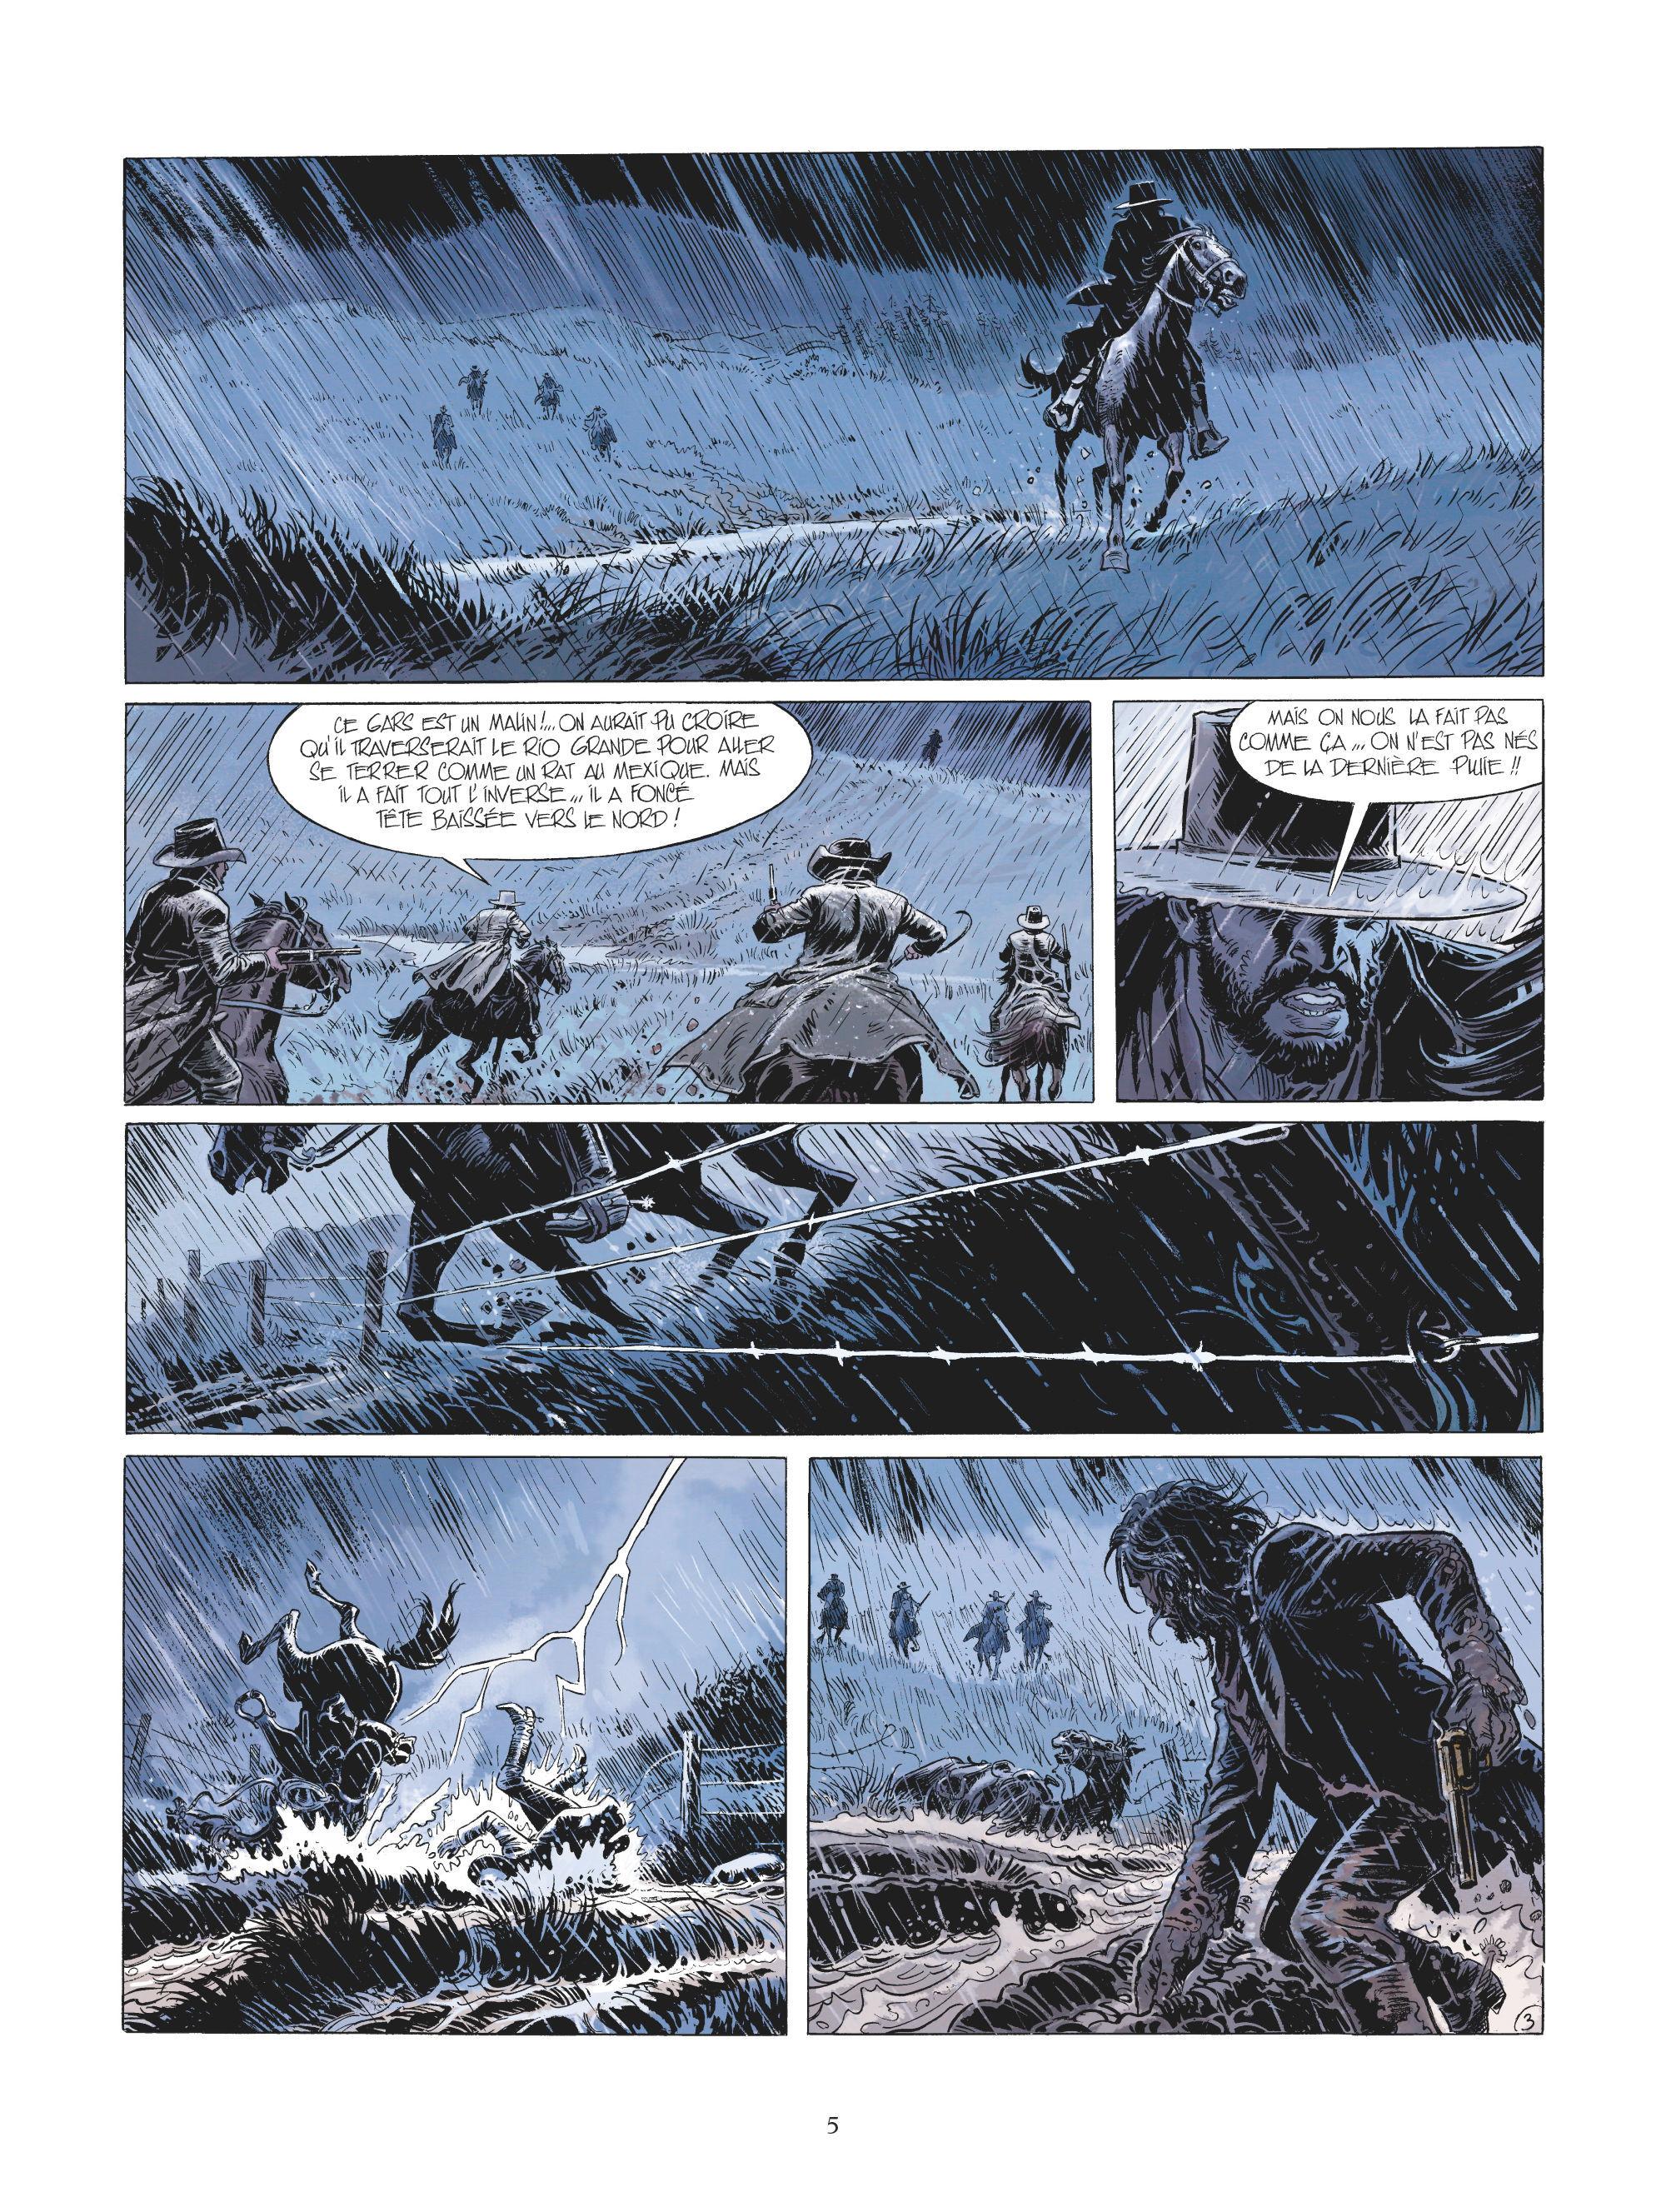 gunfighter #1 planche 3